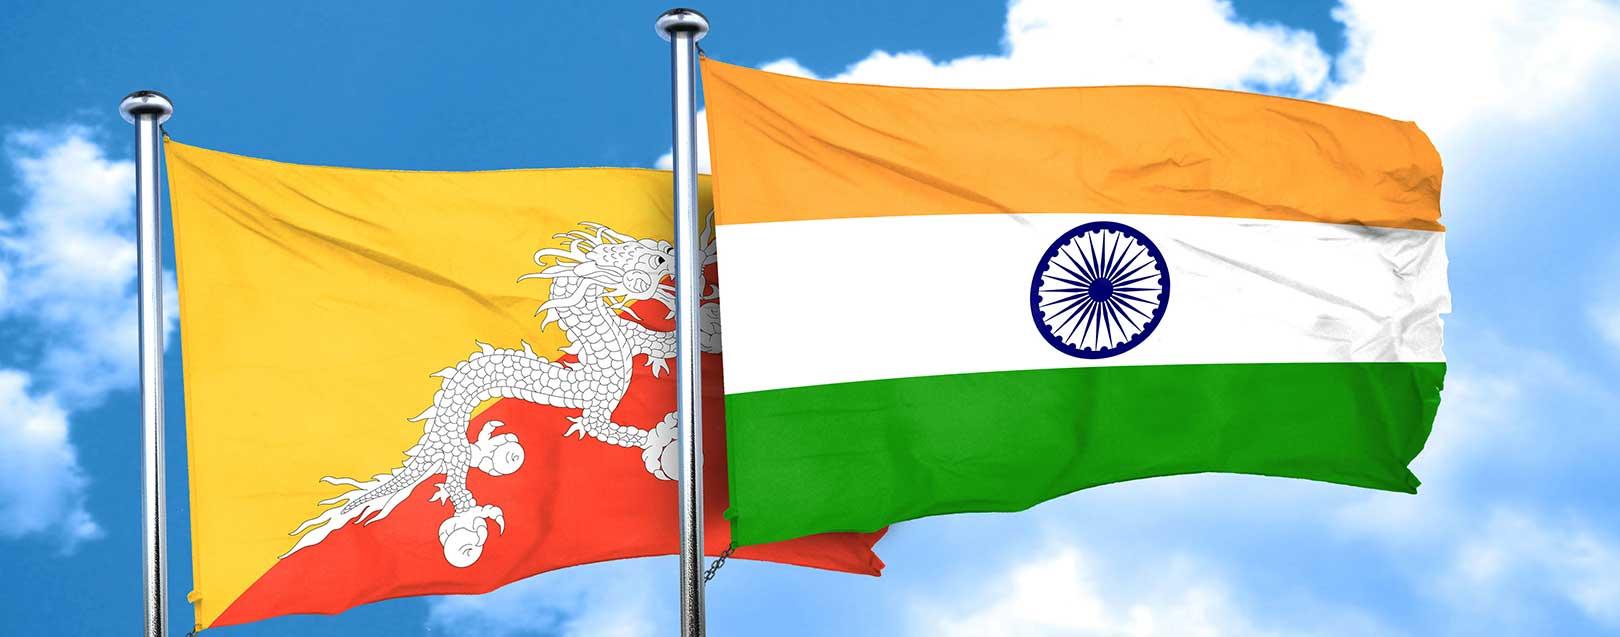 भारत भूटान सम्बन्ध